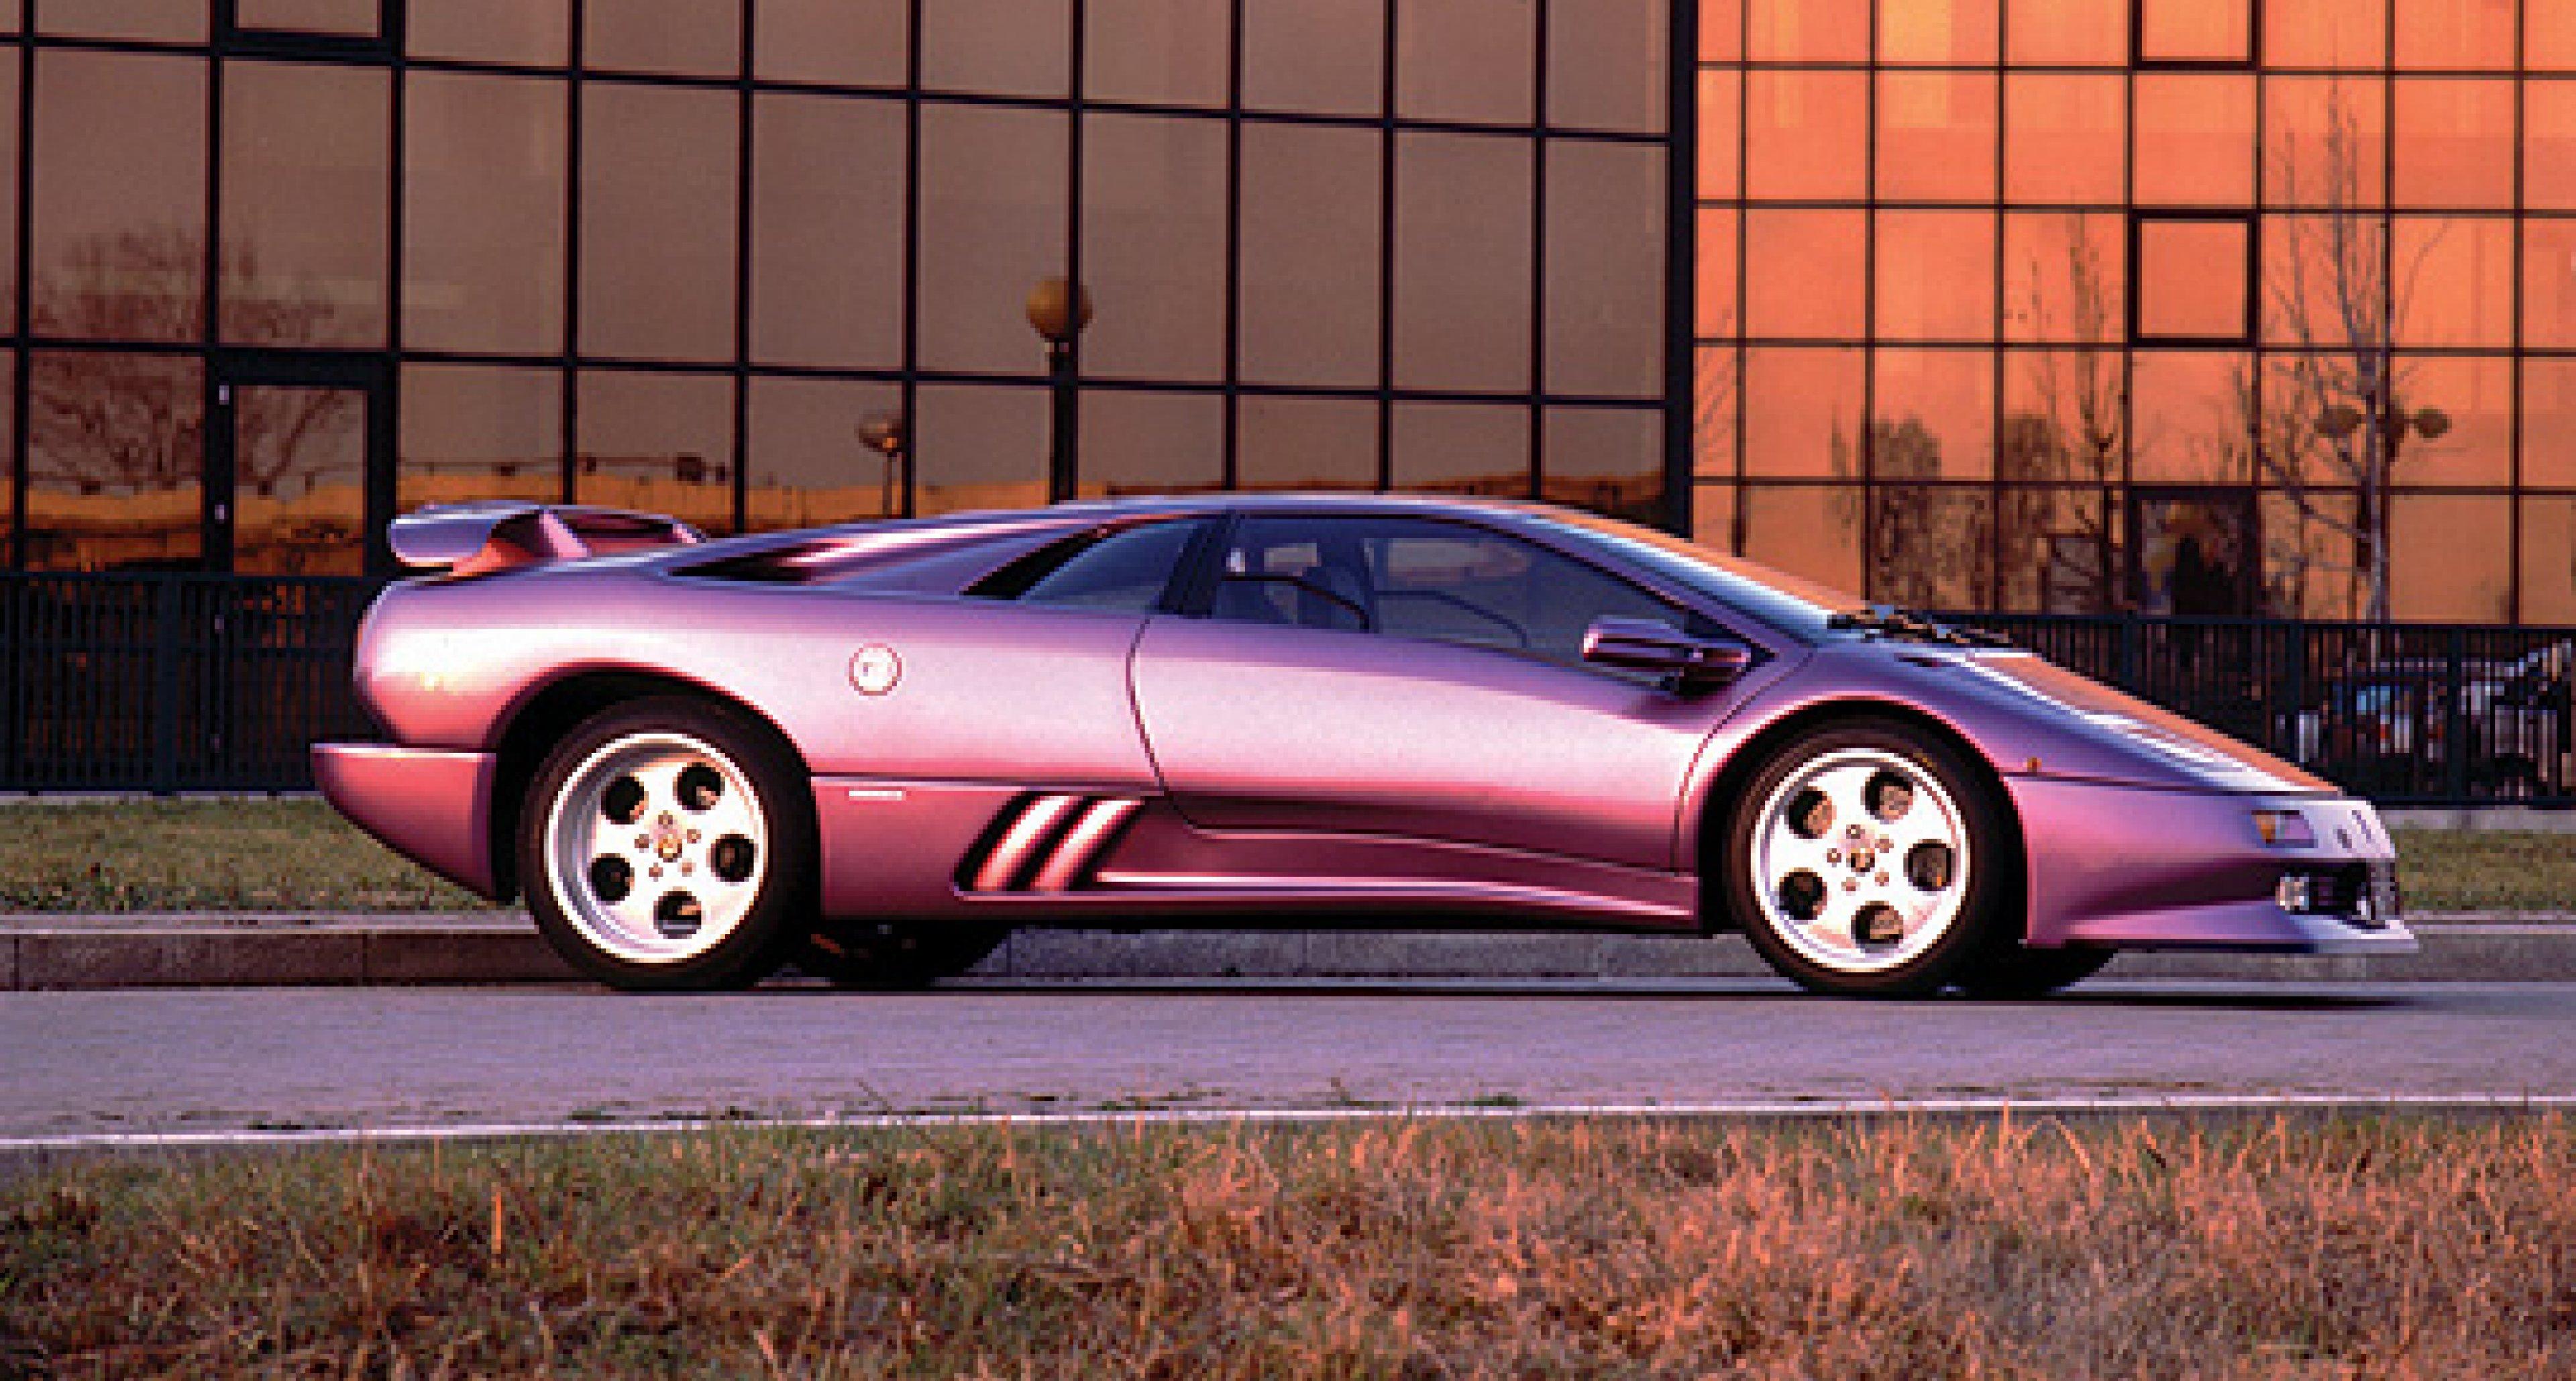 Sleeping Beauty Nº11: Lamborghini Diablo SE